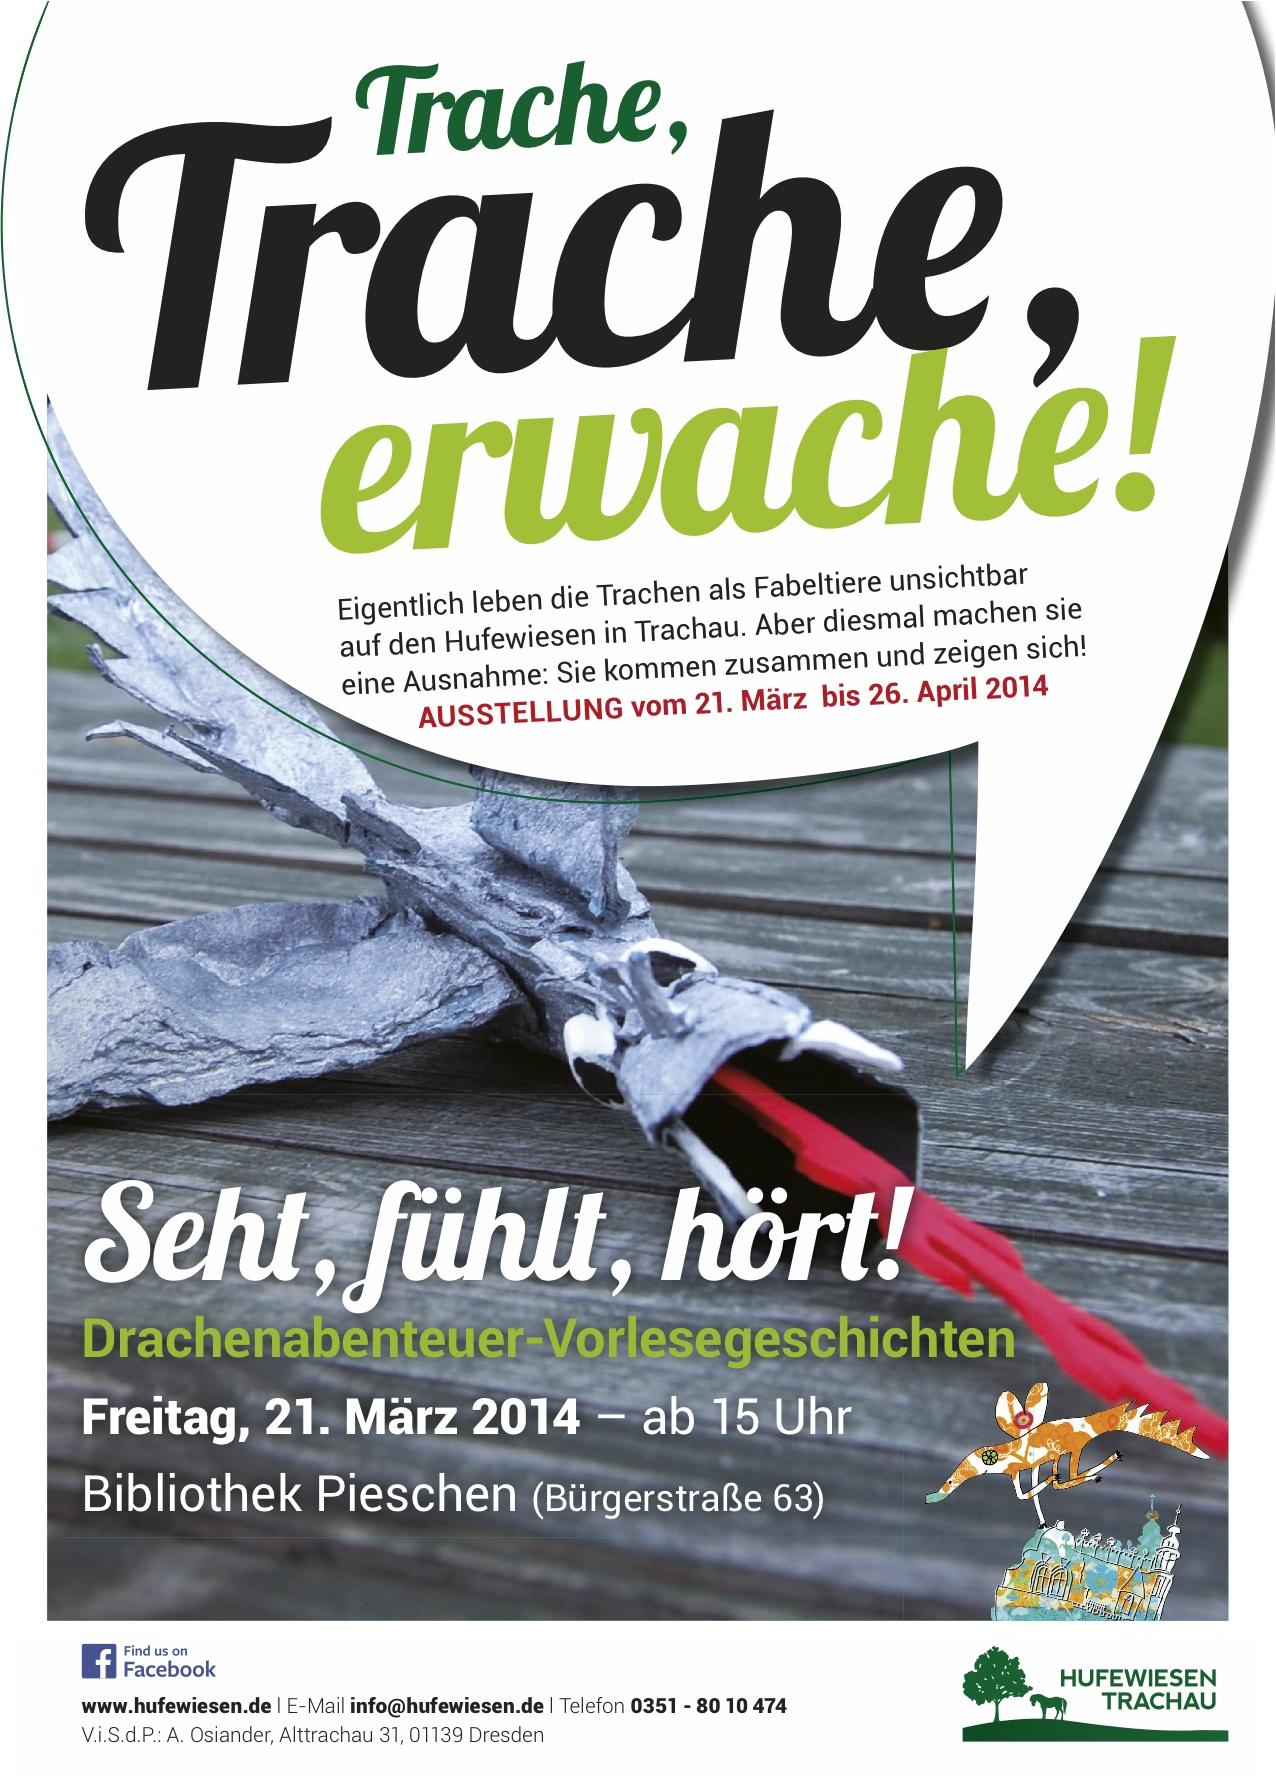 Plakat zum Trachen-Erwachen, März 2014